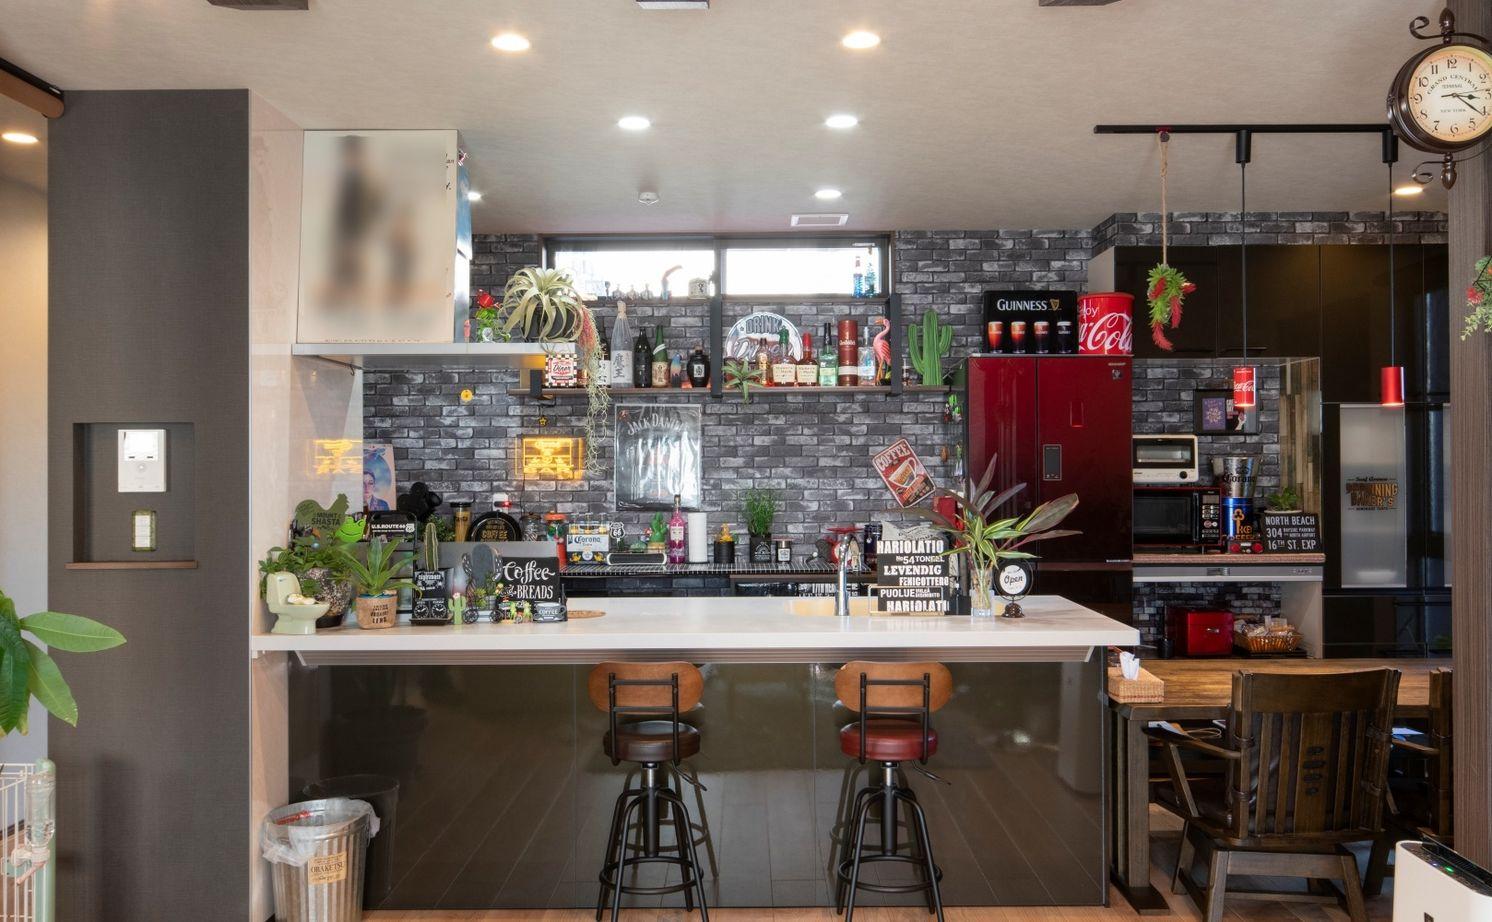 【2000万円台/139.53平米/間取り図あり】遊び心あるワクワク空間を実現 価格やサービスにも満足な快適な家画像3